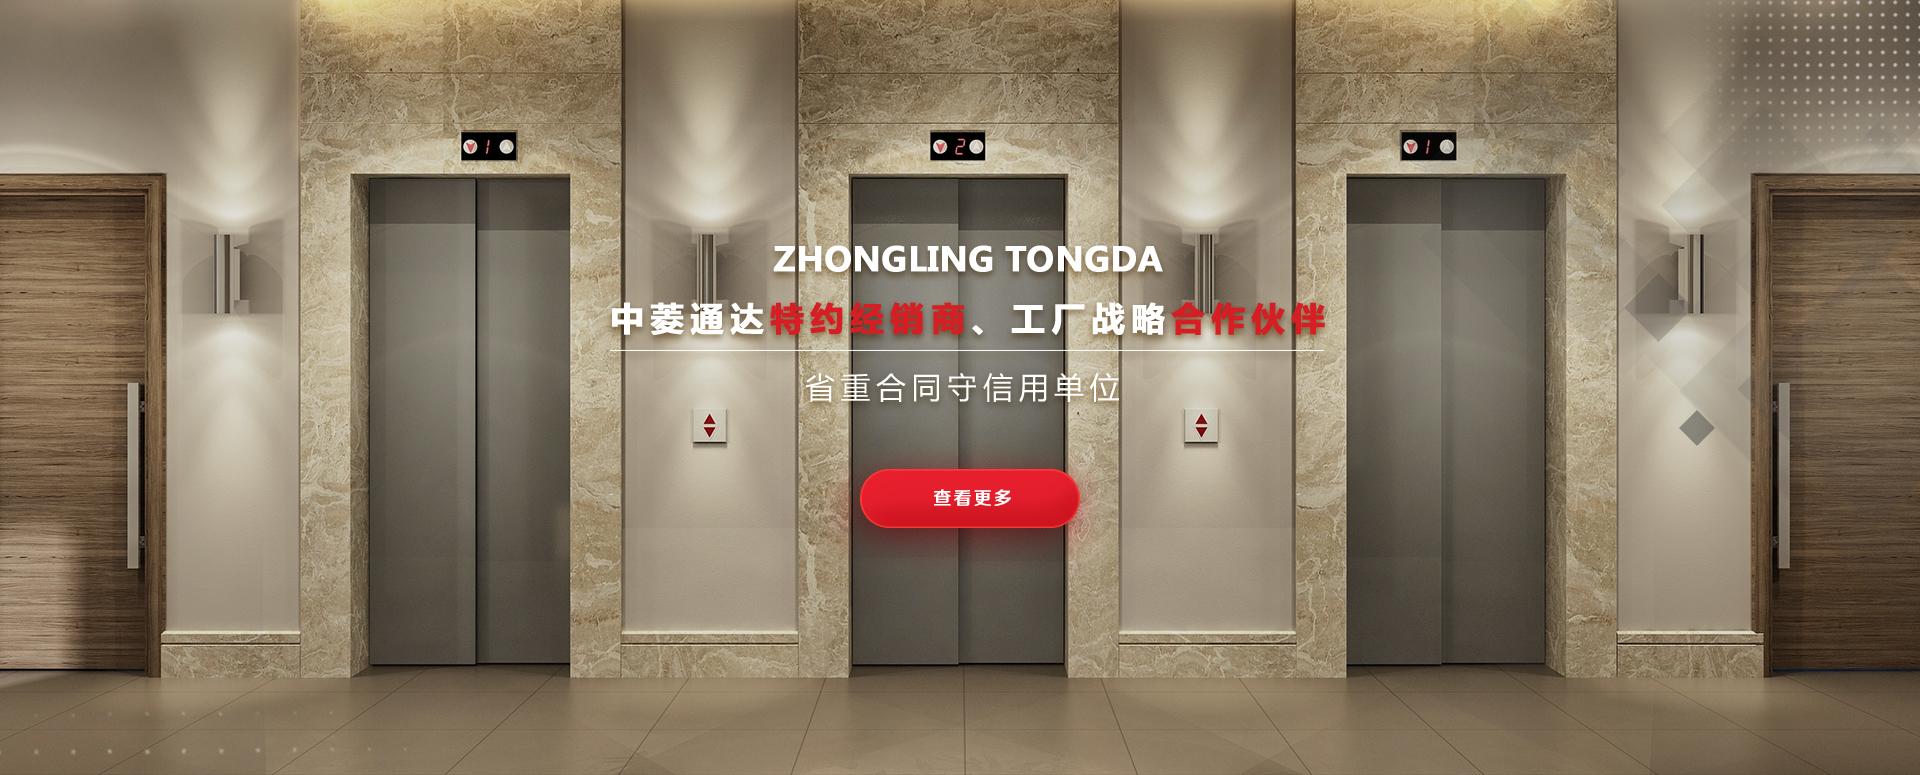 电梯的发展历史以及未来发展方向